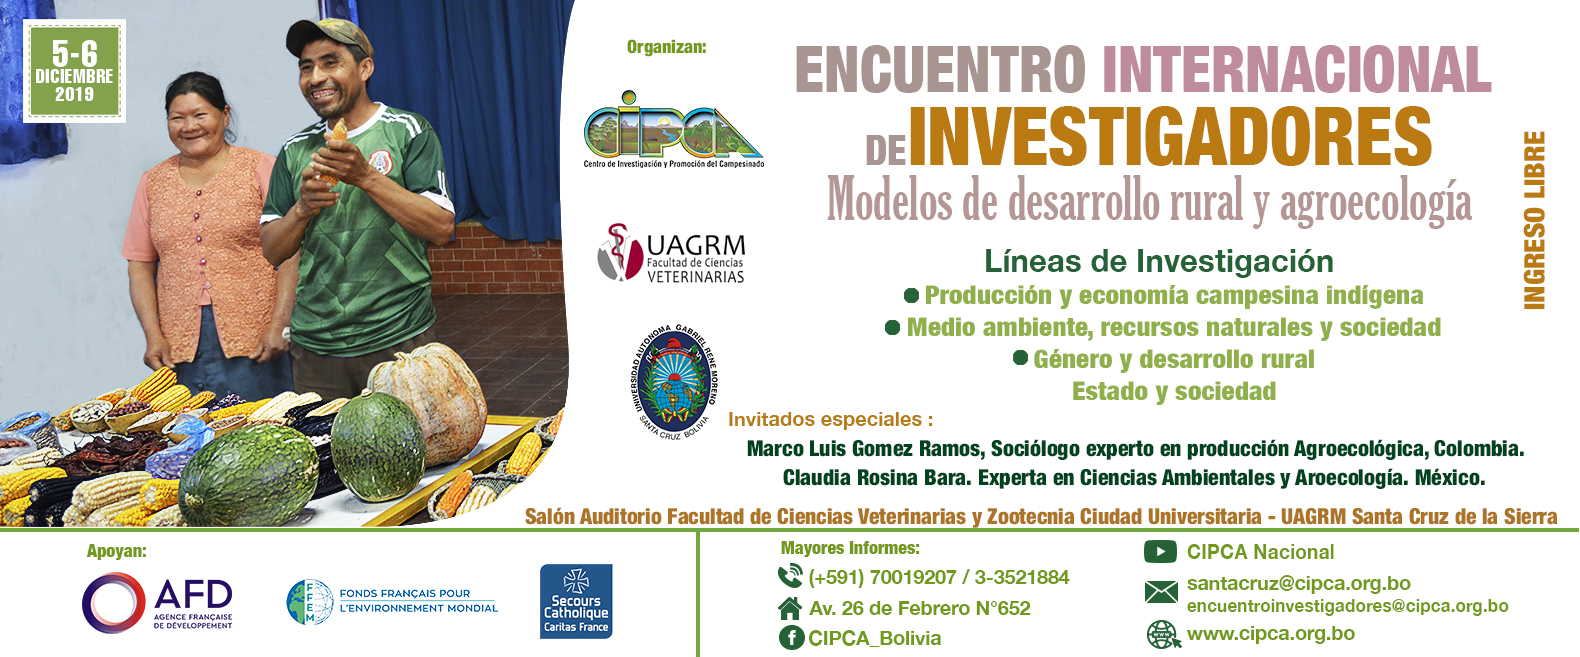 Encuentro Internacional de Investigadores